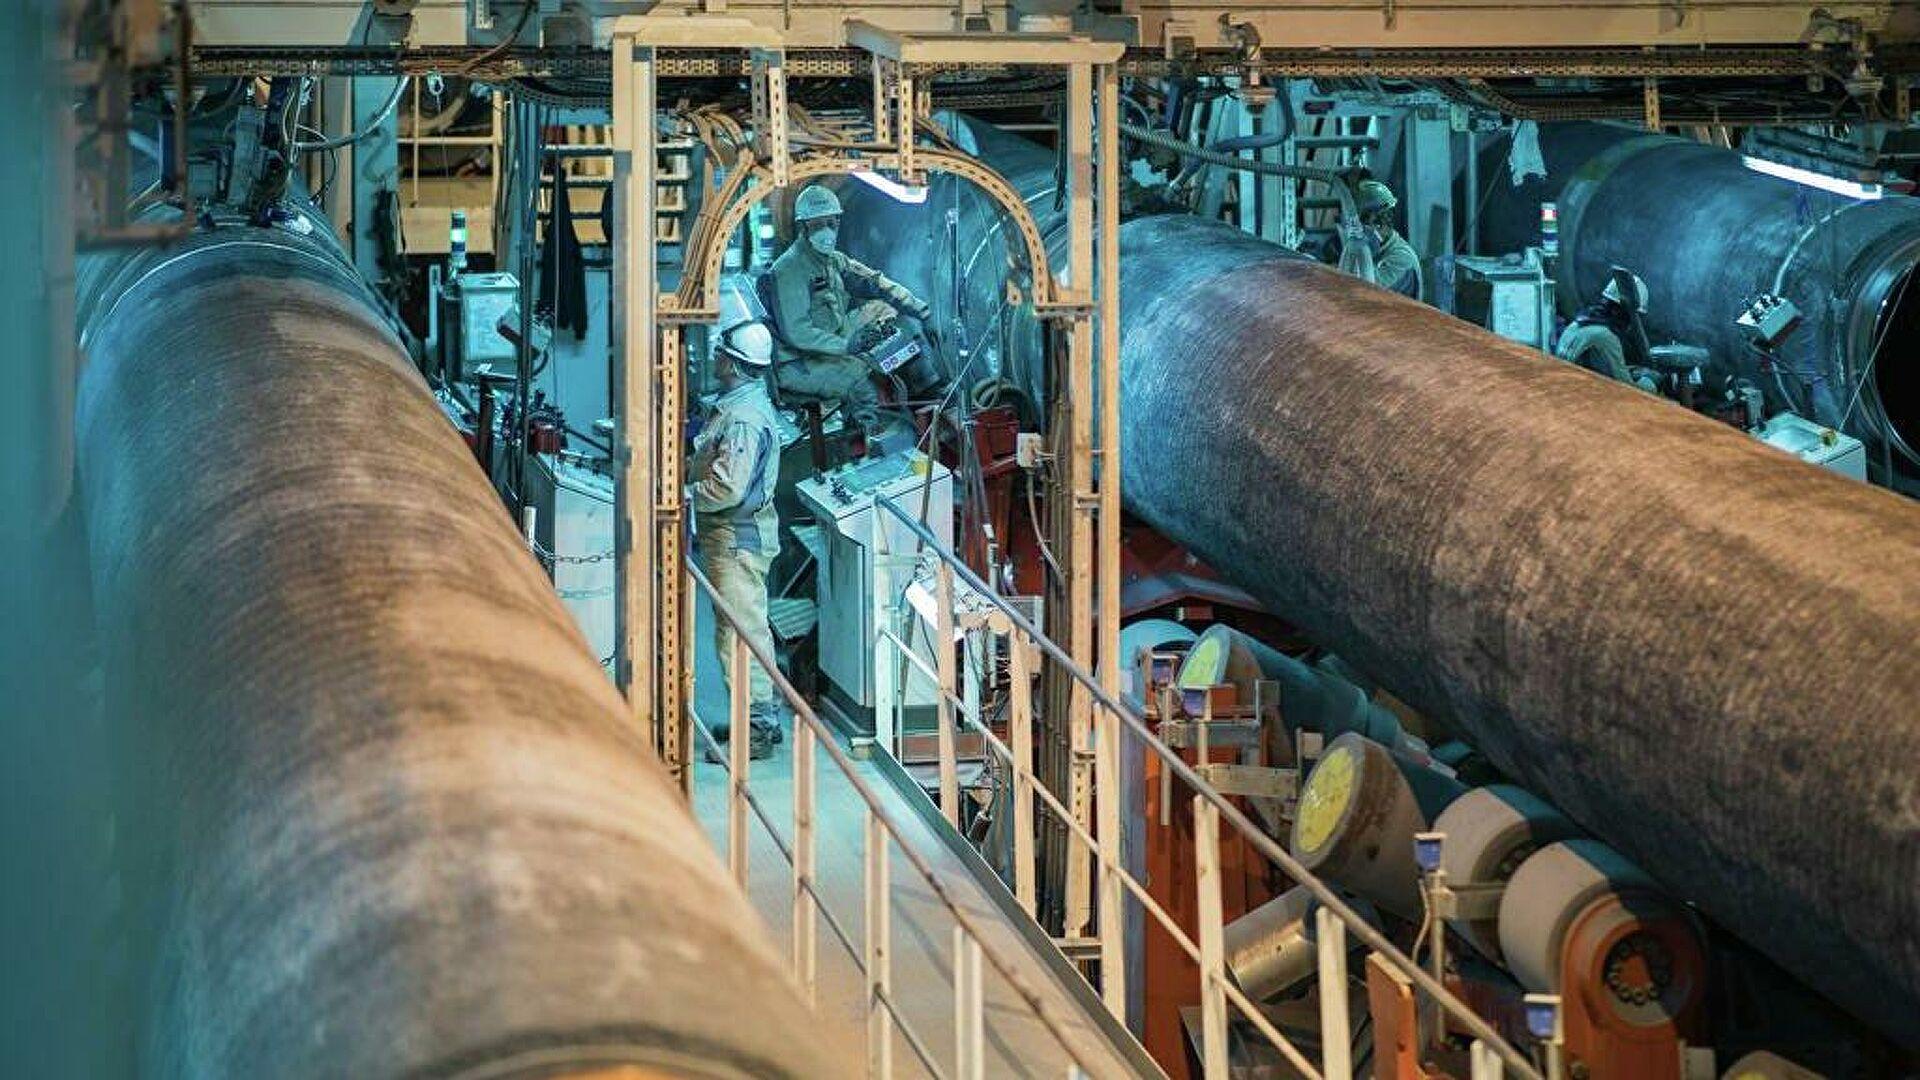 """САД позвале Немачку и ЕУ да уведу мораторијум на изградњу гасовода """"Северни ток 2"""""""